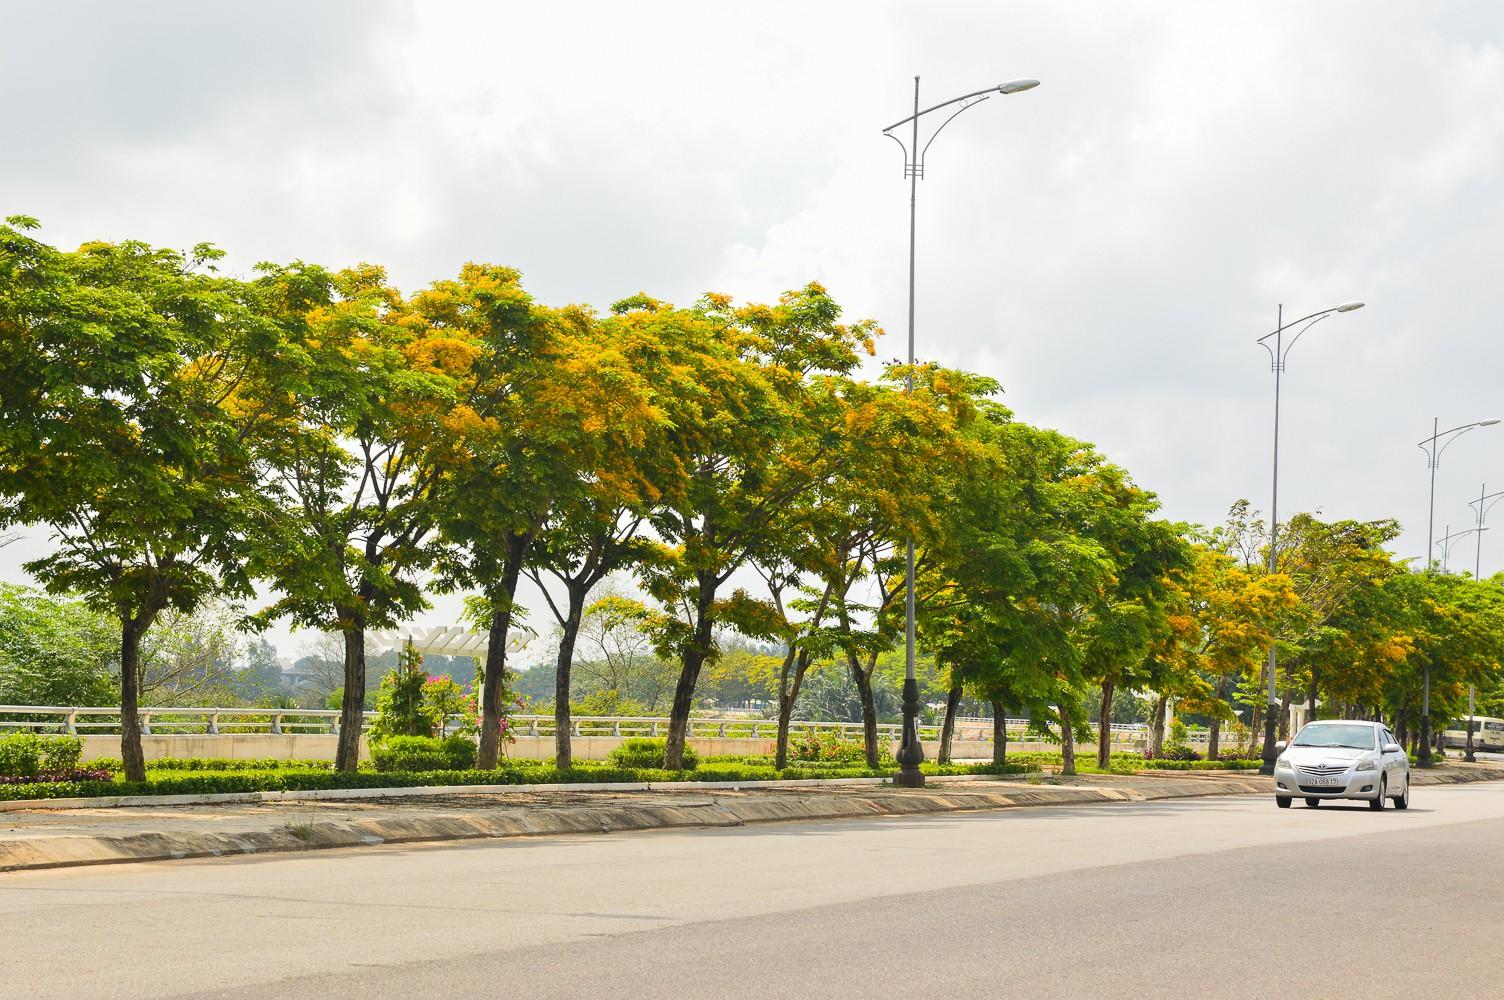 Mùa hoa sưa vàng trời Quảng Nam khiến bao người thổn thức - Ảnh 8.